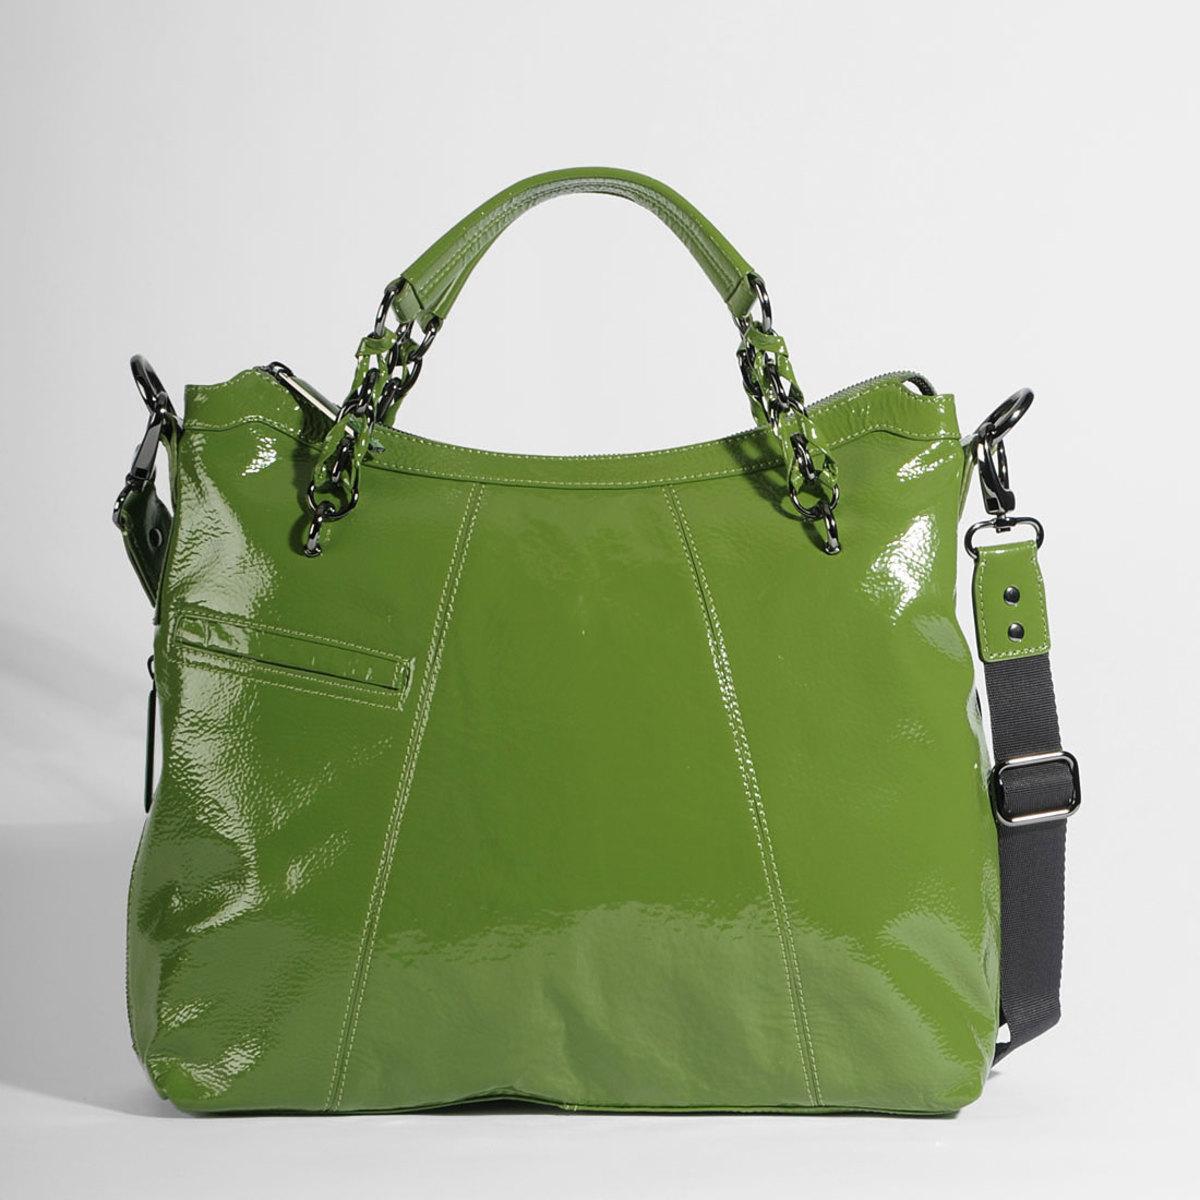 Mom-friendly bags by Hobo International - MomTrendsMomTrends